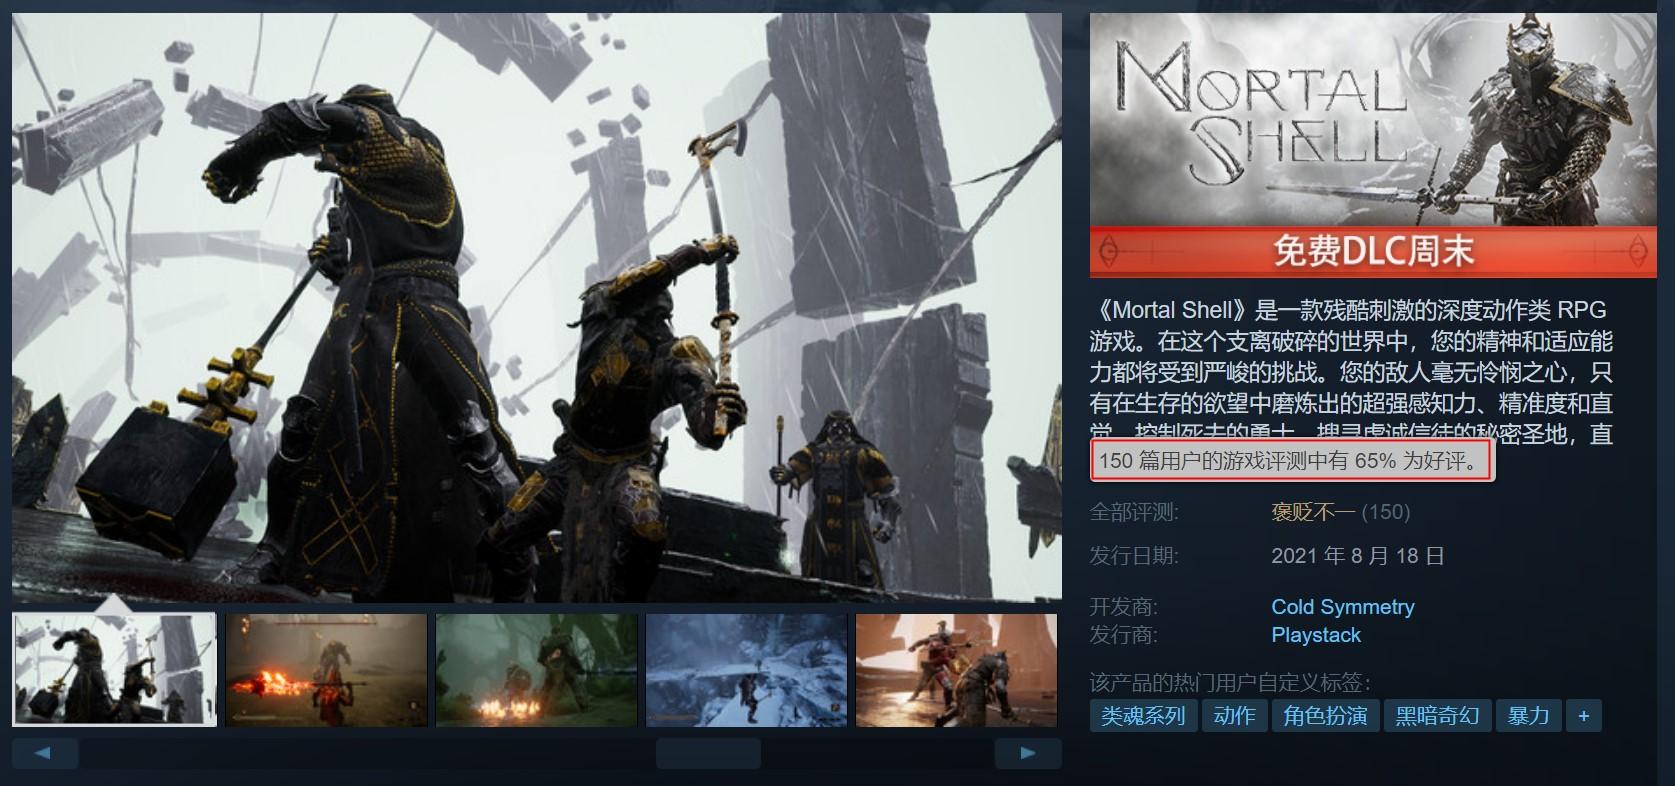 《致命躯壳》Steam褒贬不一 好评率仅65%:为难而难 堆怪之王  第1张